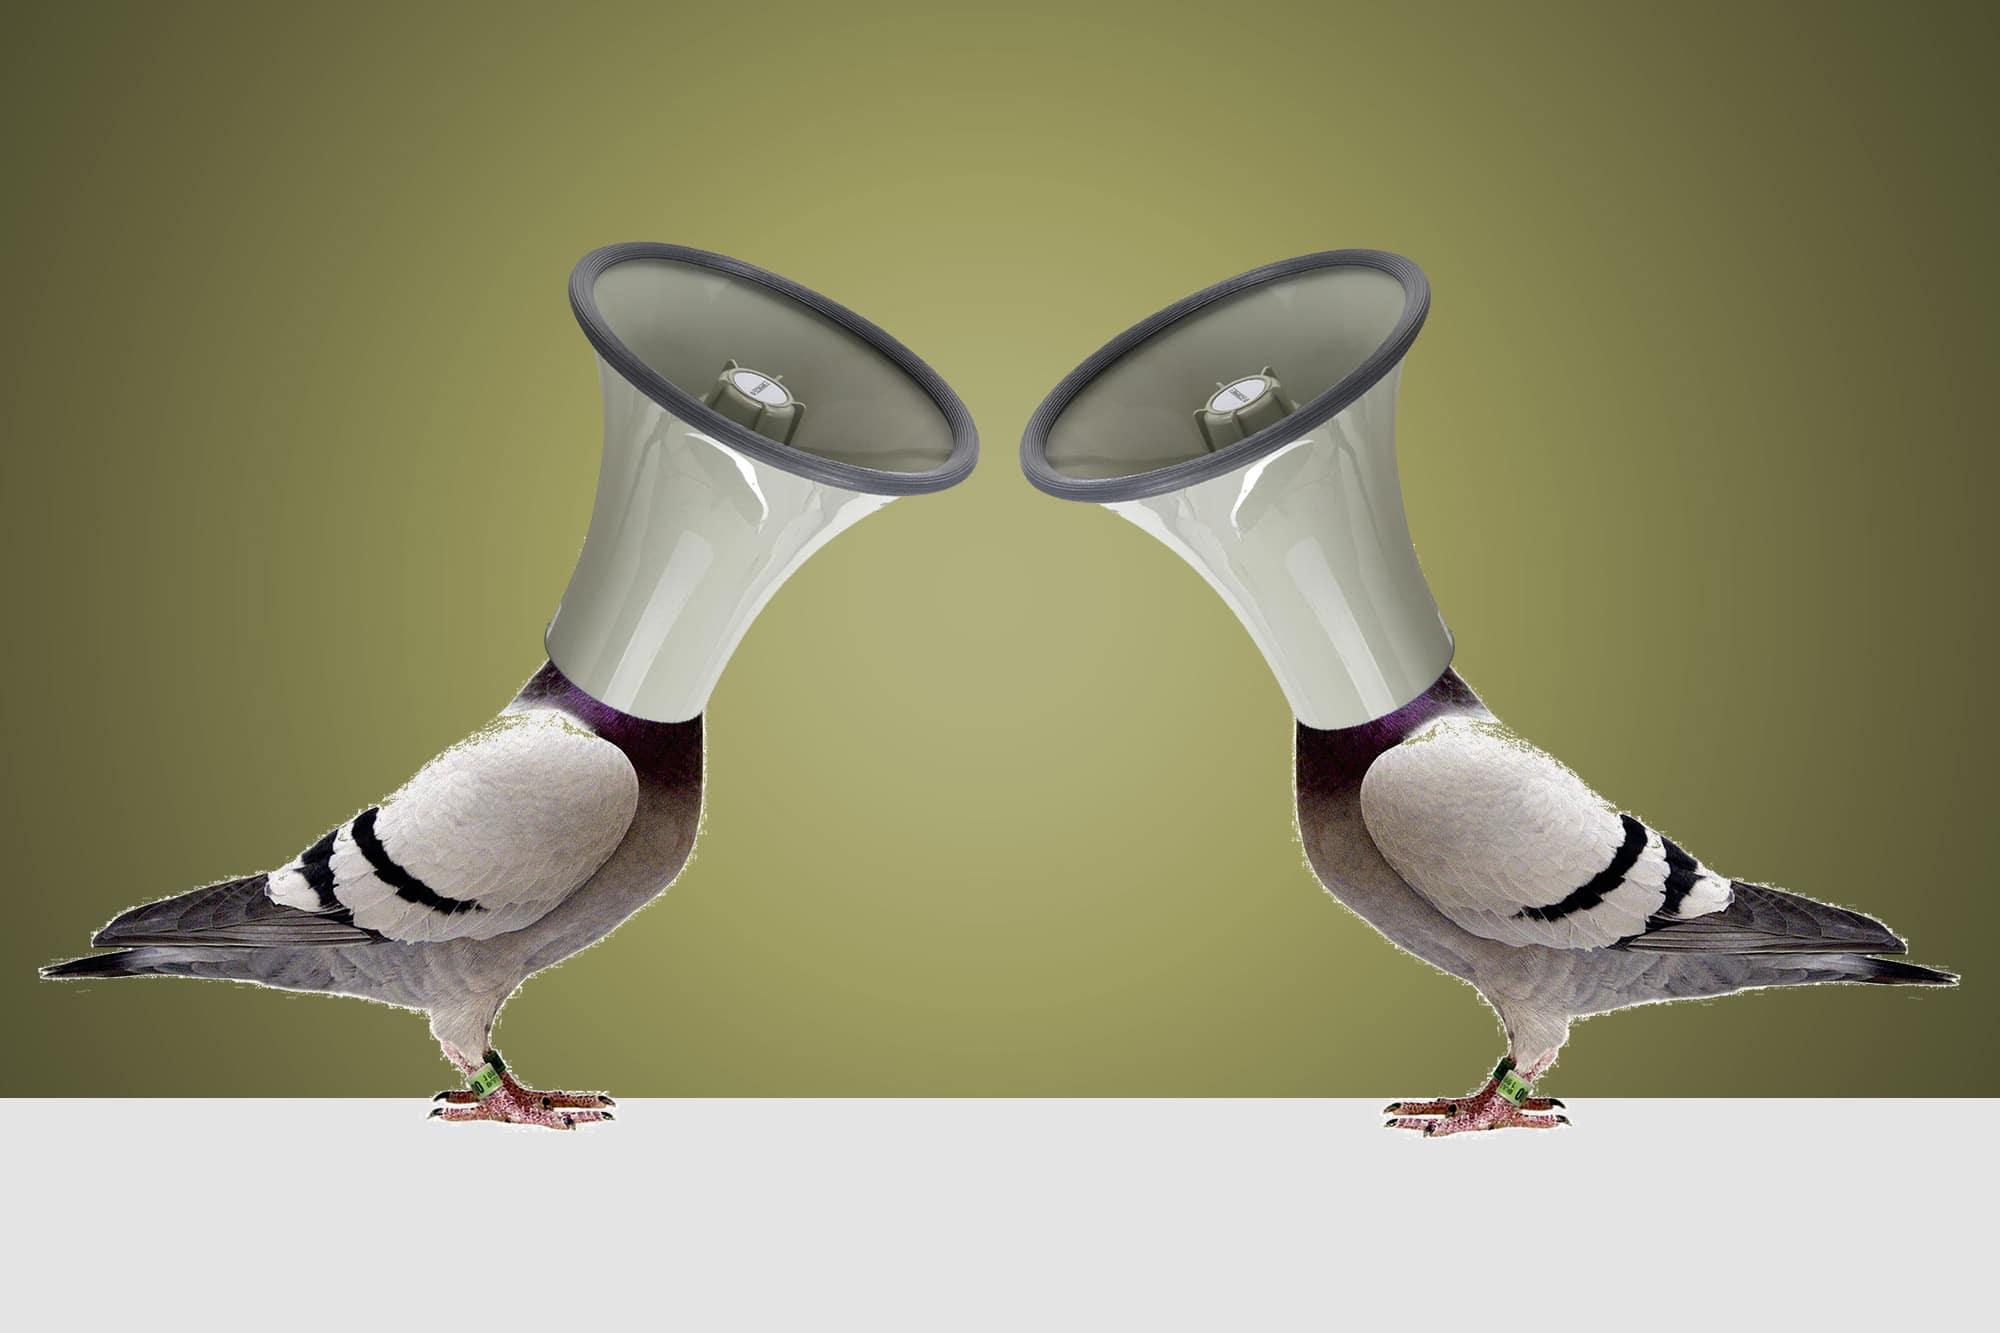 Taubenfüttern wird verboten. Dafür darf man sie neu zudröhnen.